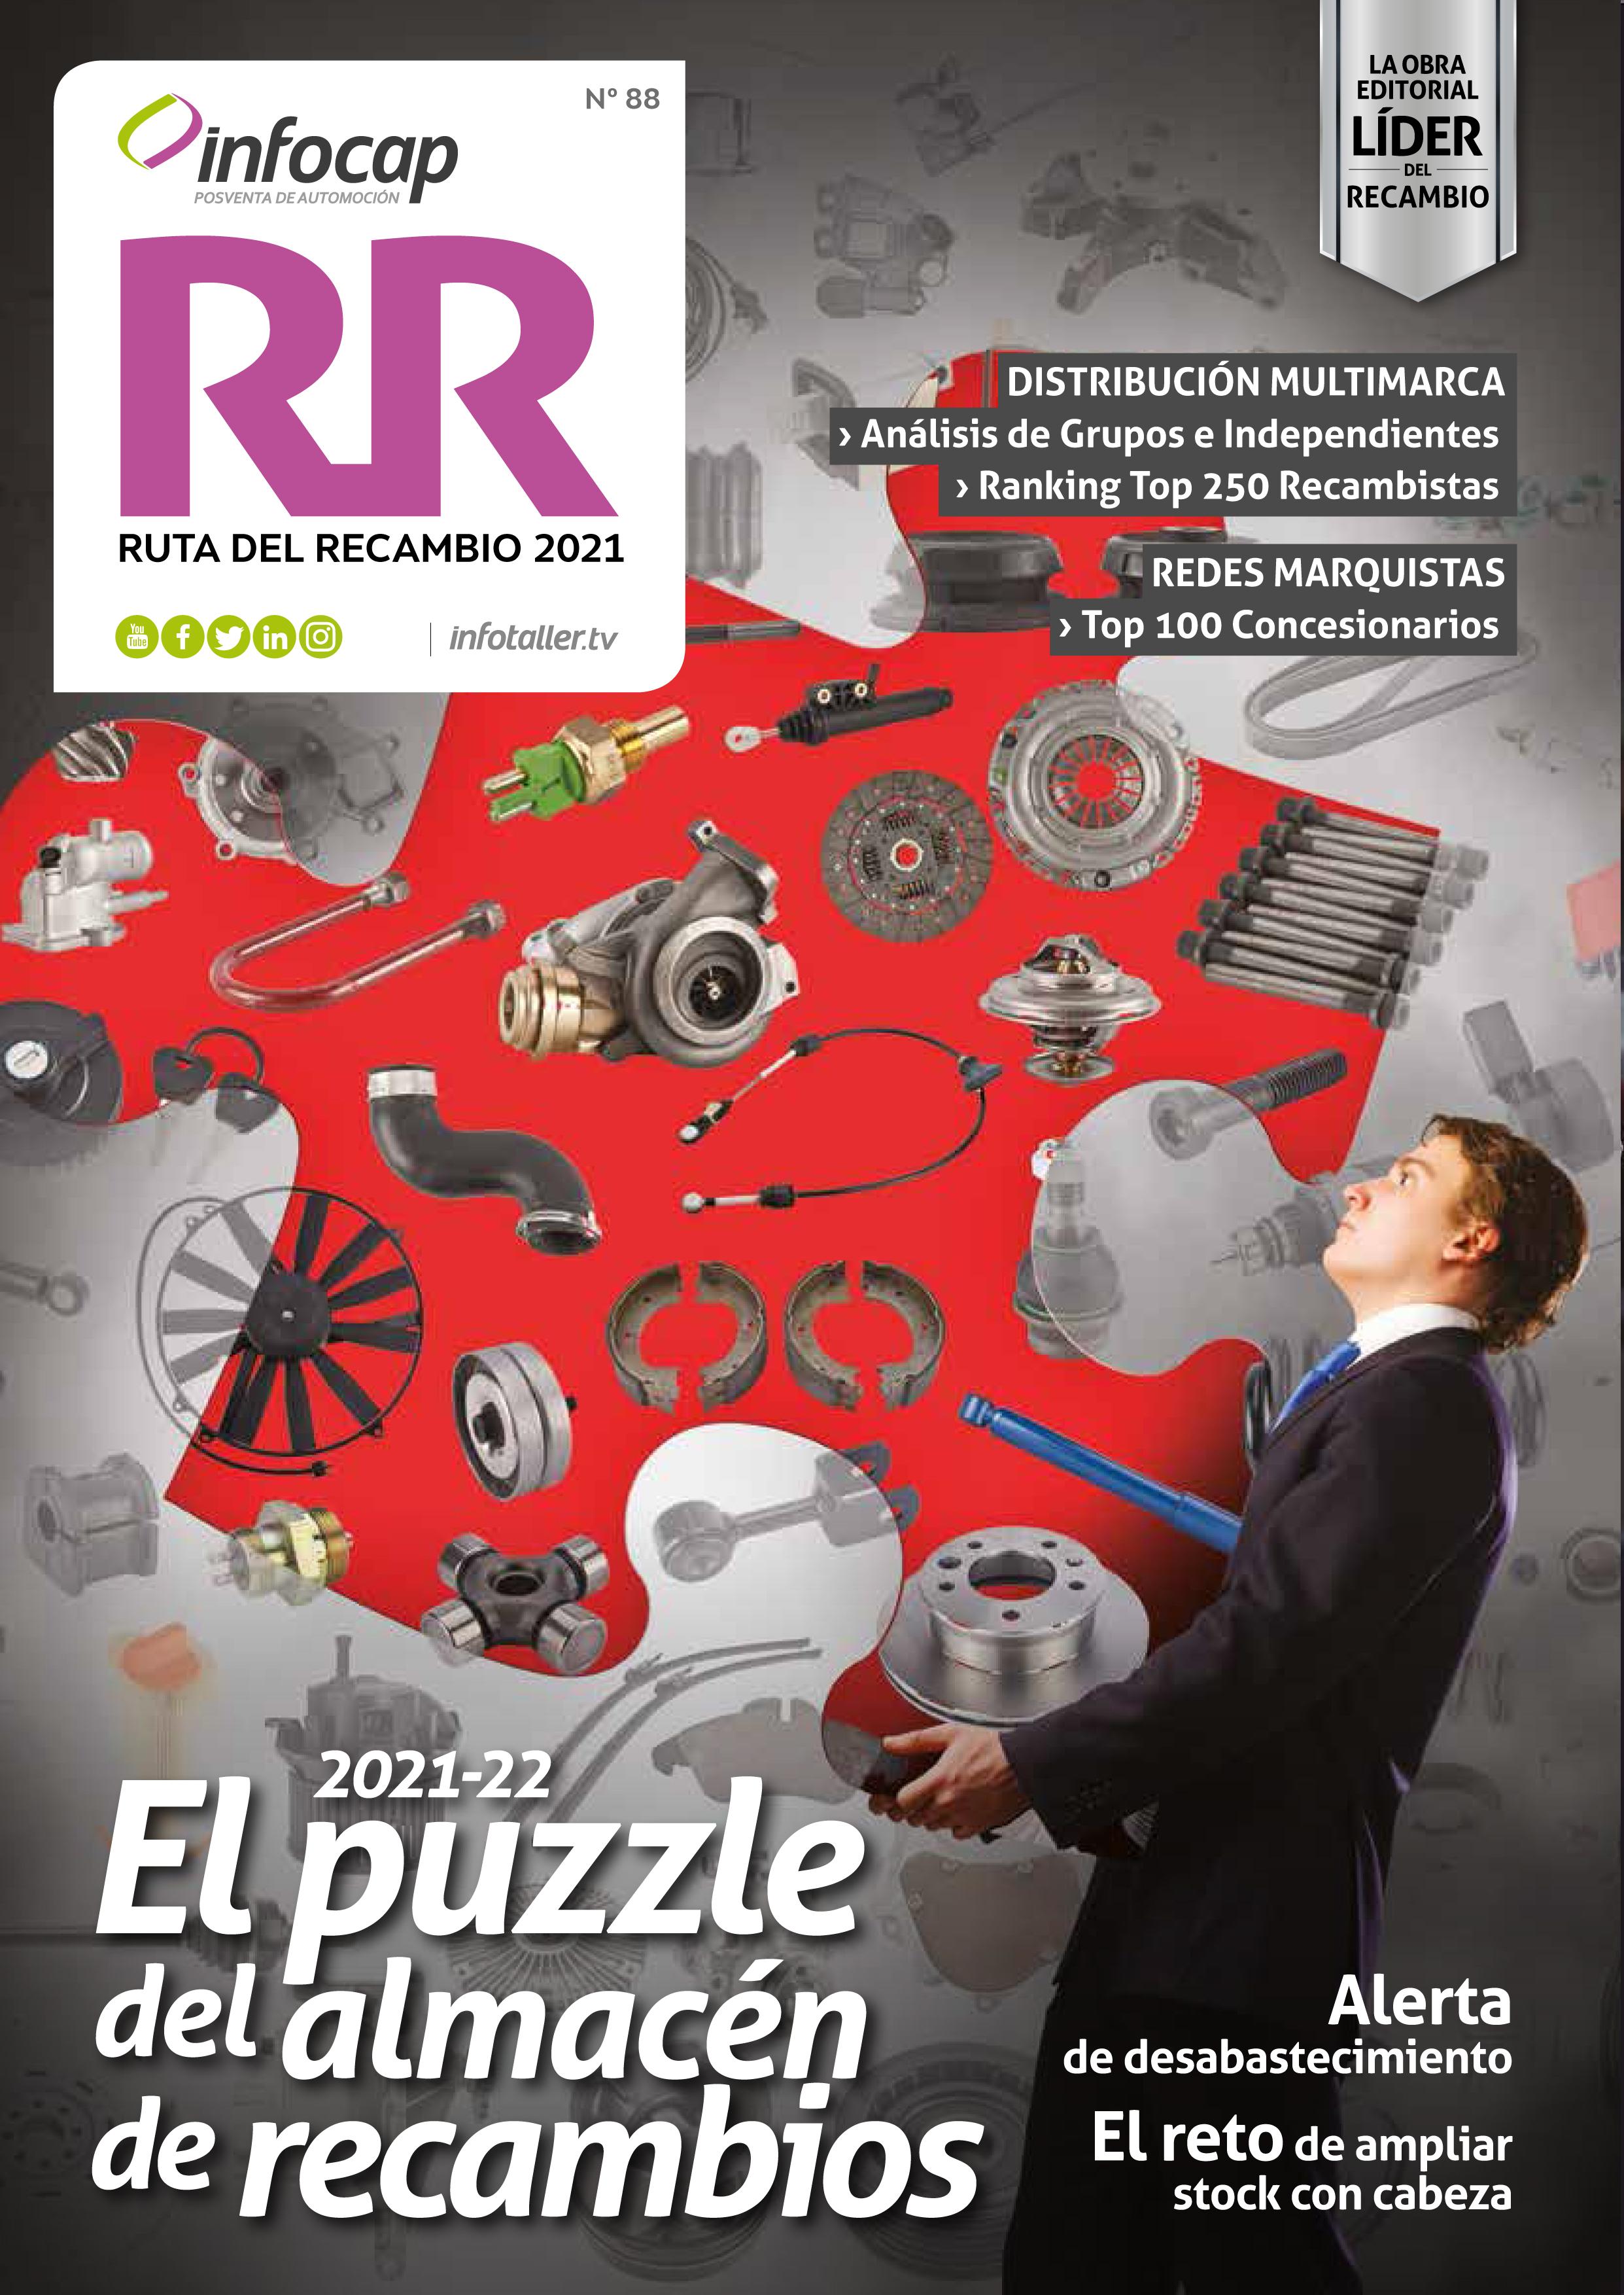 RUTARECAMBIO2021-1